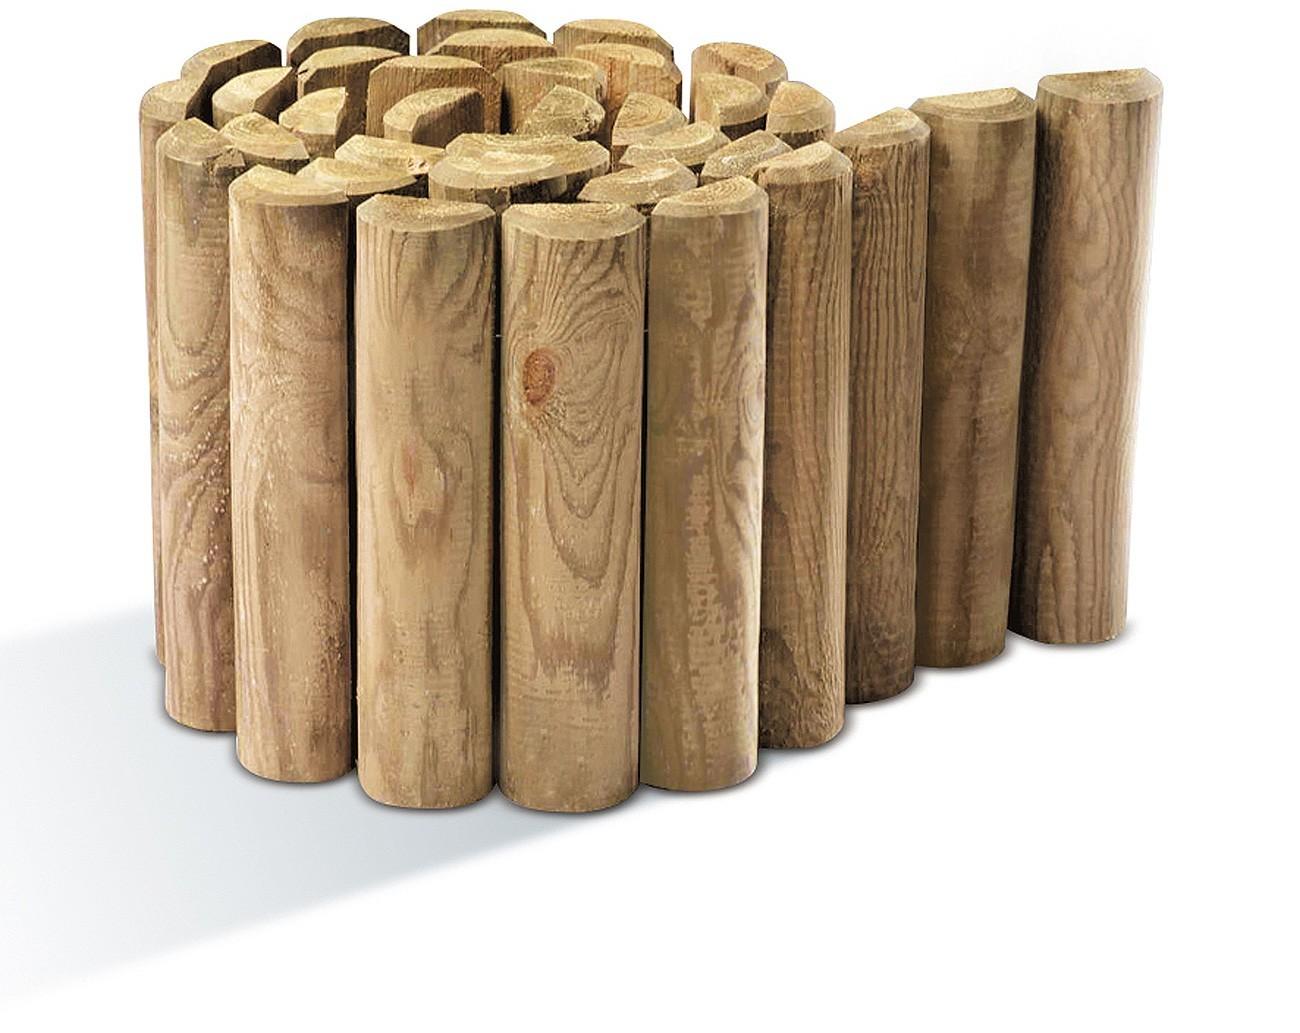 bordure bois d rouler rondins 3 5 x 40 x 200. Black Bedroom Furniture Sets. Home Design Ideas